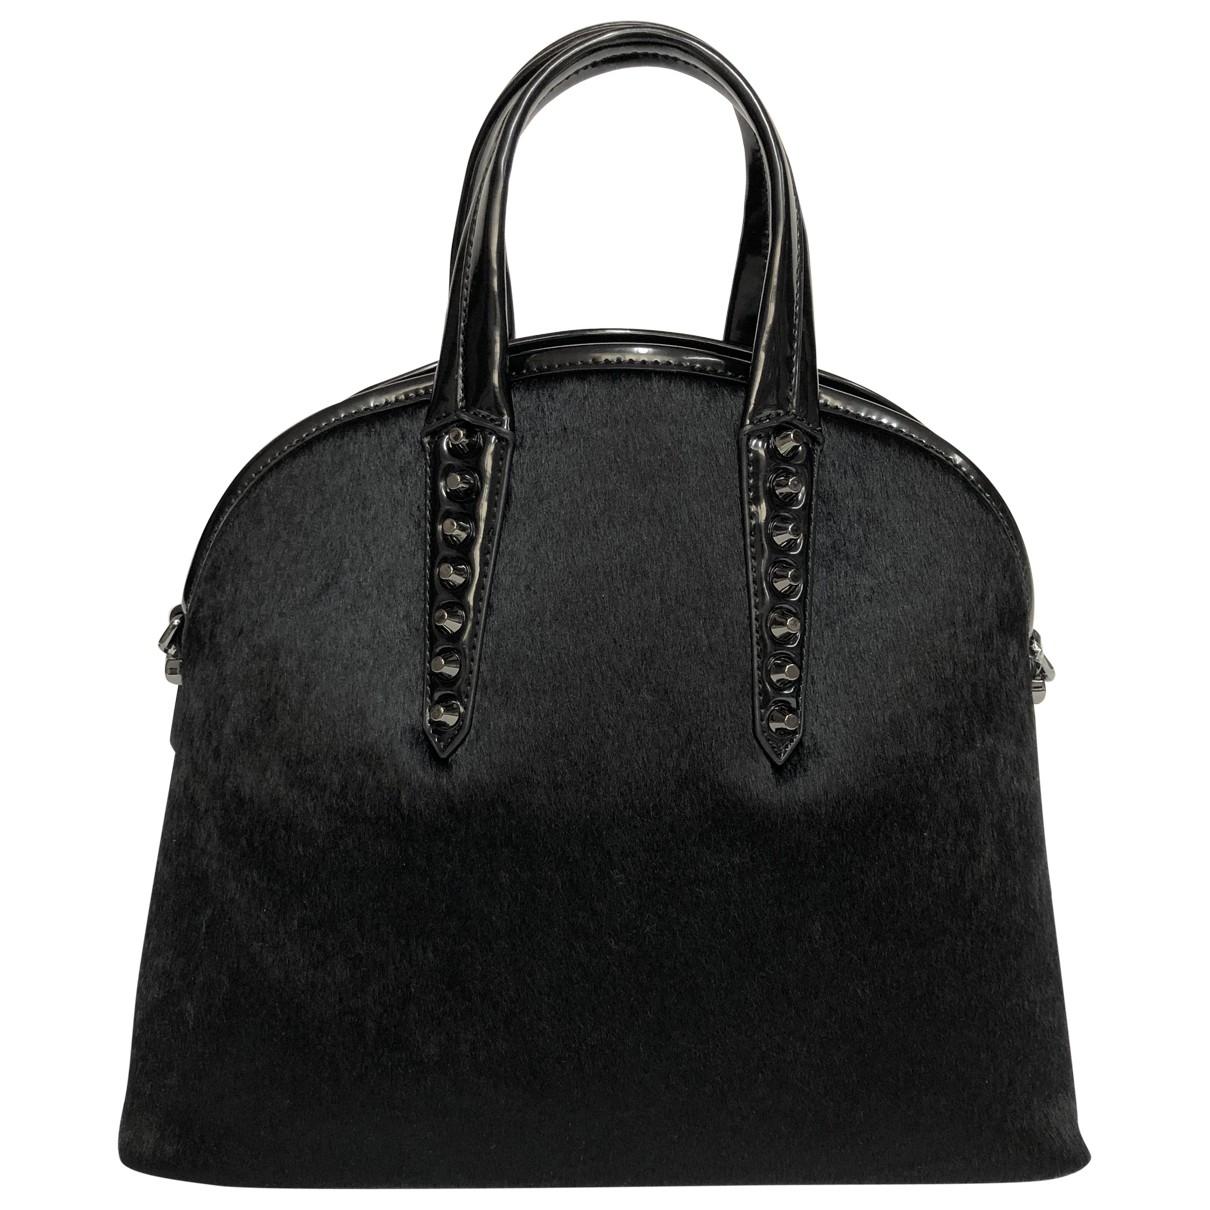 Trussardi Jeans \N Handtasche in  Schwarz Synthetikpelz